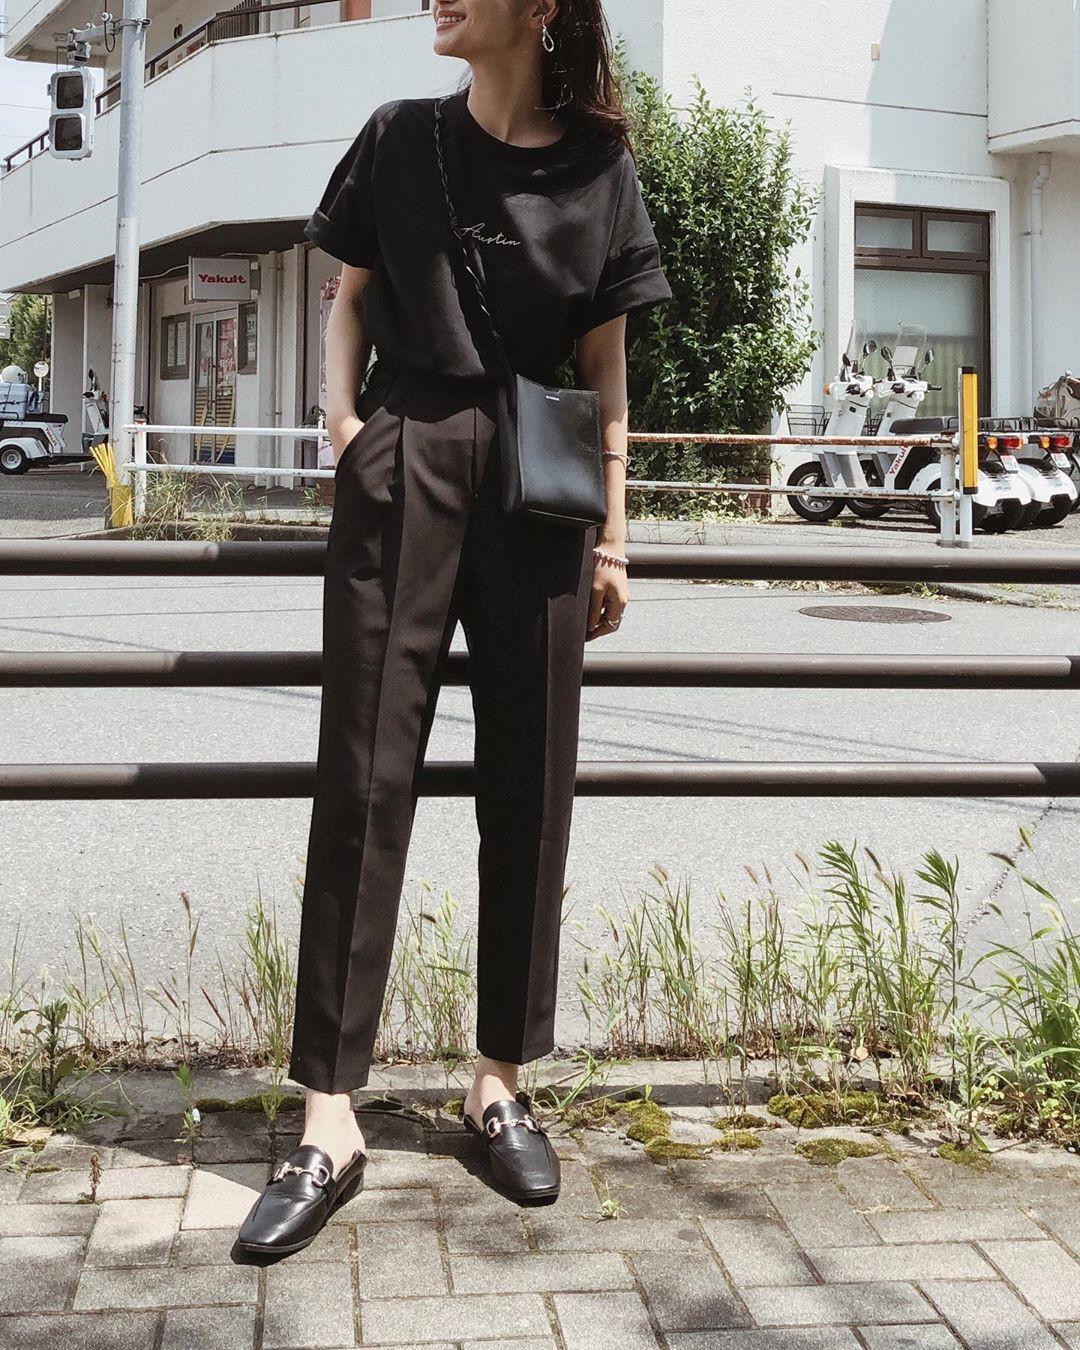 VZN News: Street style châu Á: Đơn giản mà vẫn cuốn hút, nàng công sở học ngay để lên đồ cho cả tuần mặc đẹp - Ảnh 5.